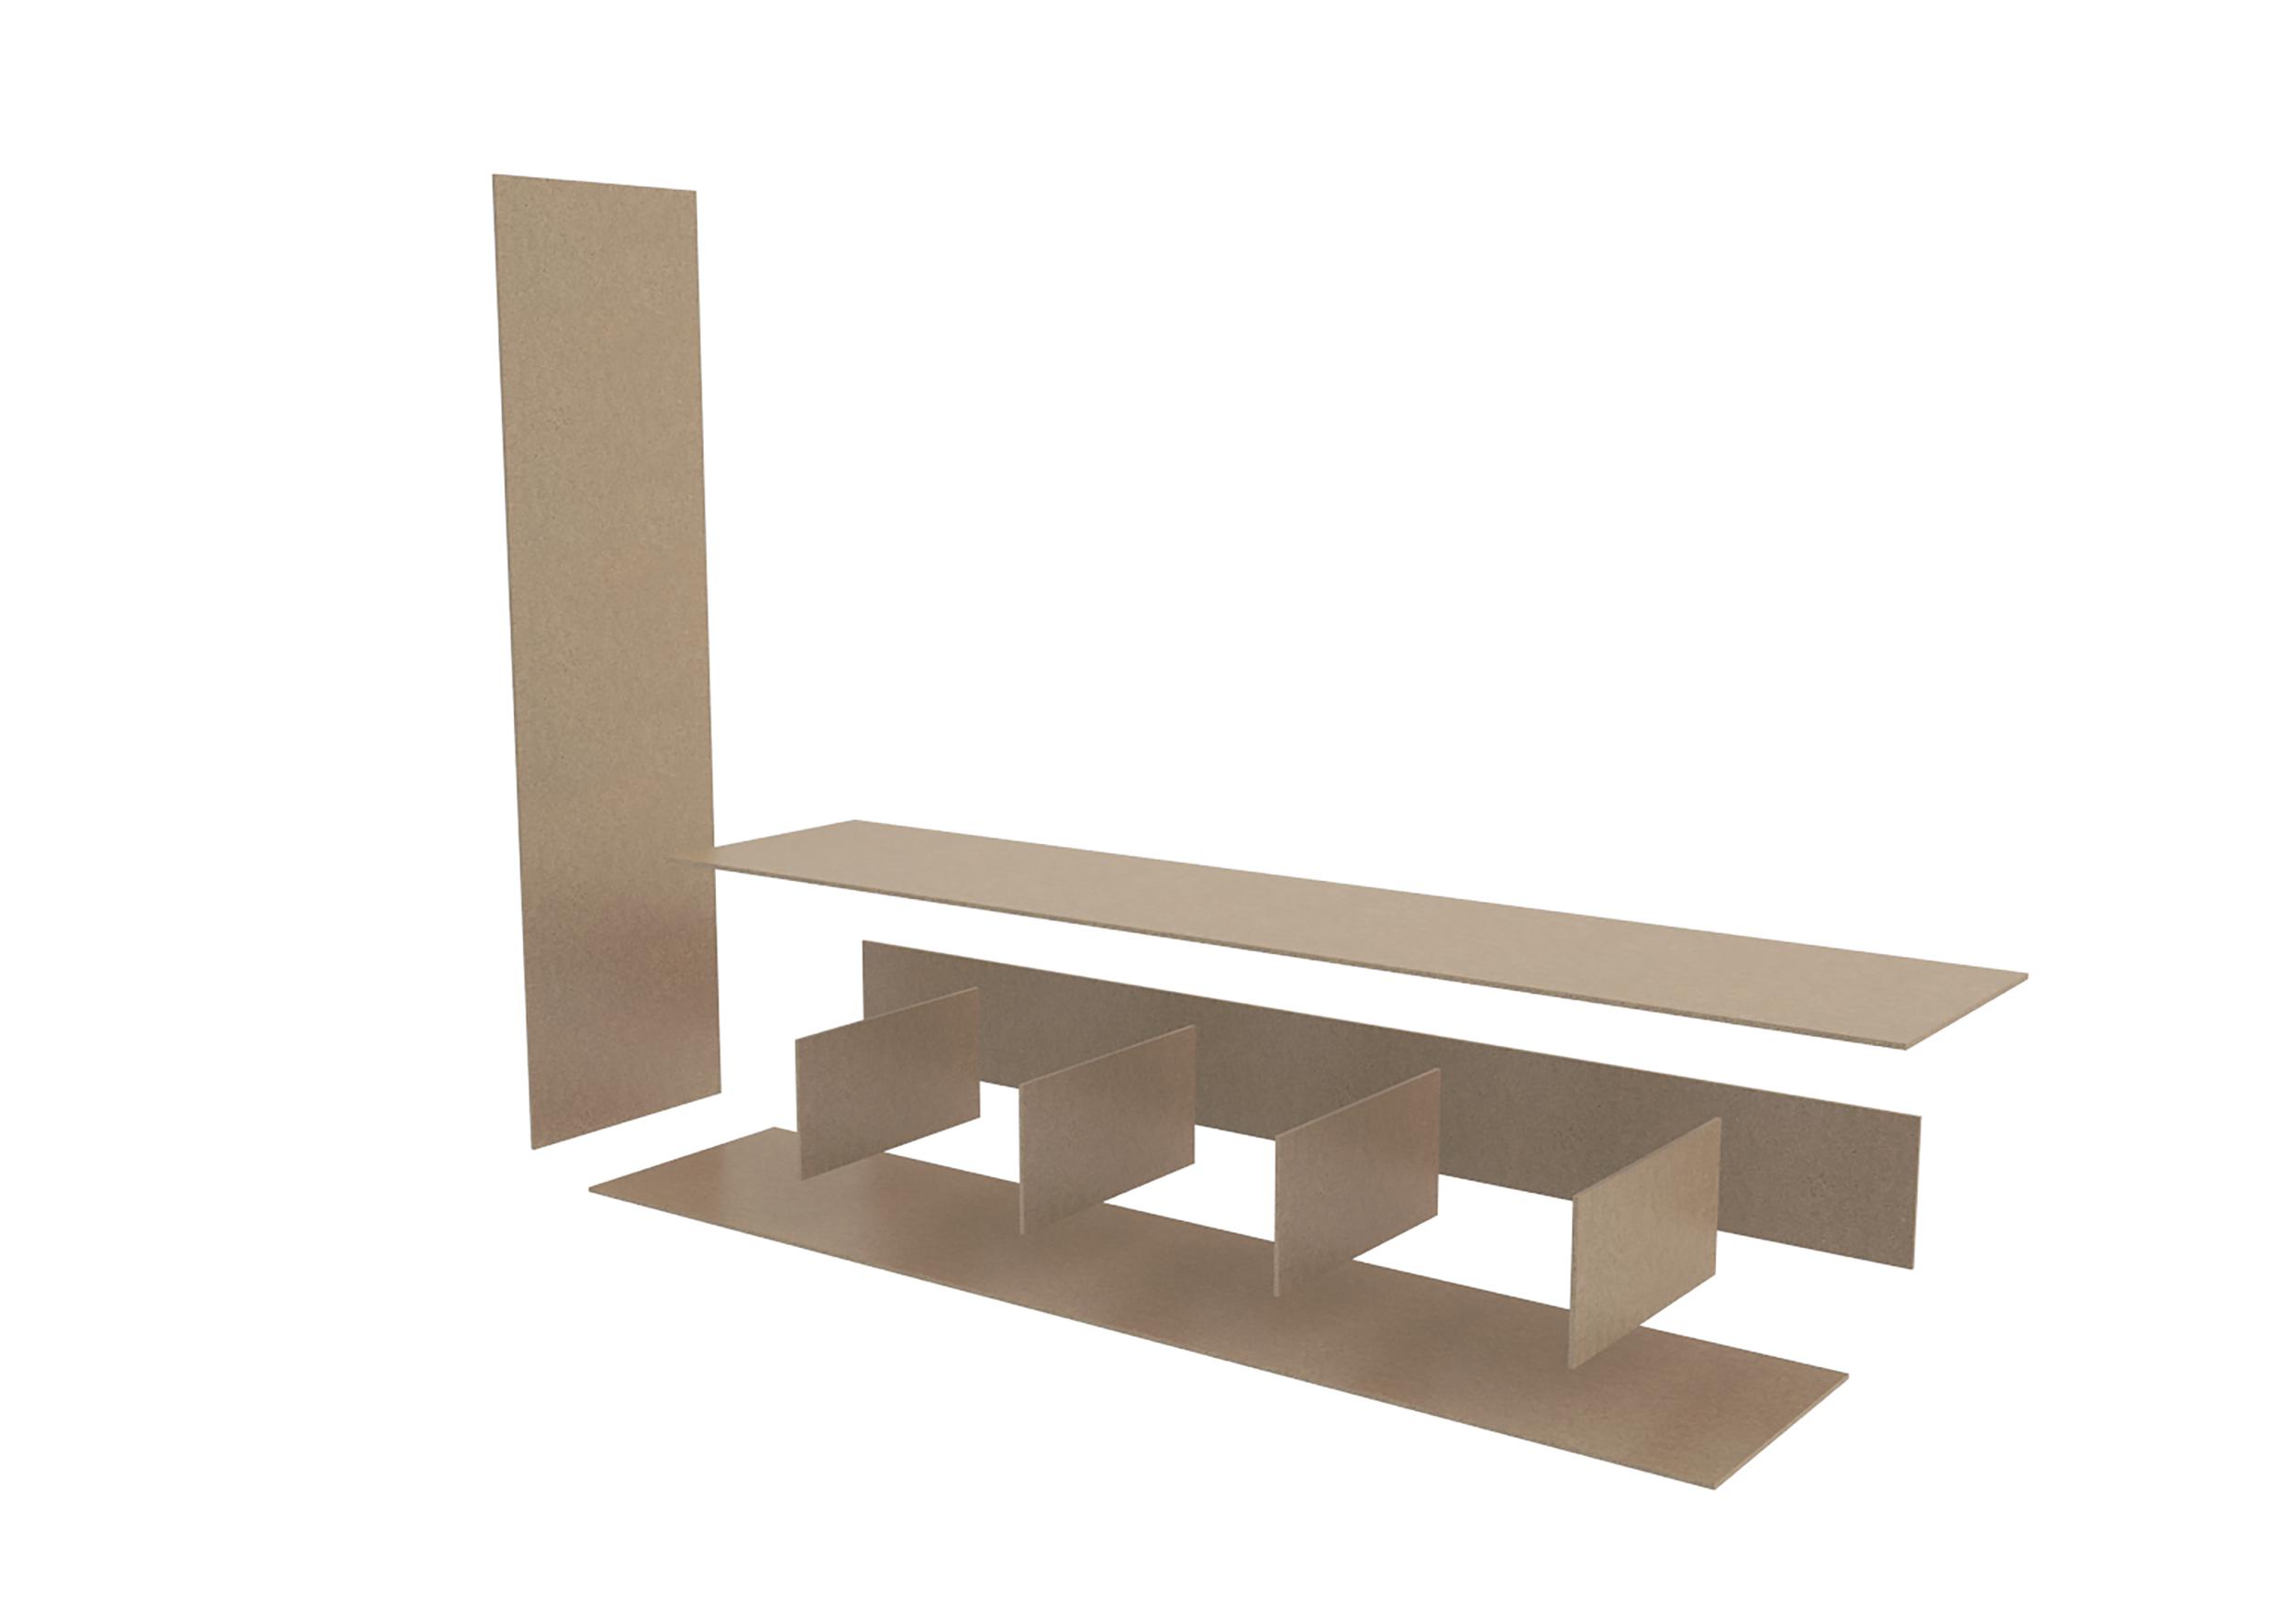 Dripmoon-archvis-graphiste3D-architecture-images-3D-emag05 (4)